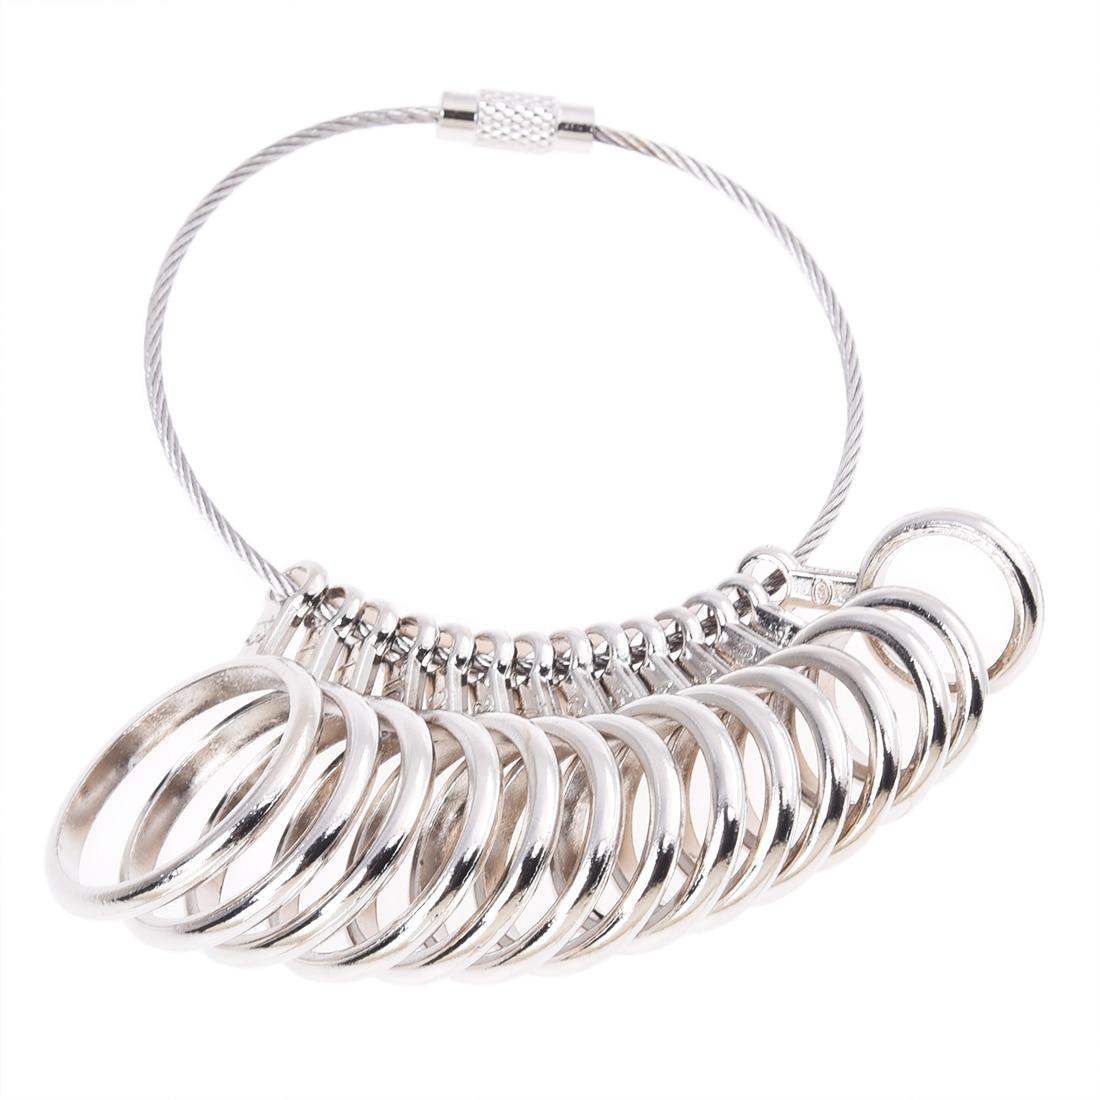 Zinc Alloy Finger Ring Sizer Gauge Jeweler Sizing Tool US Size: 1-13